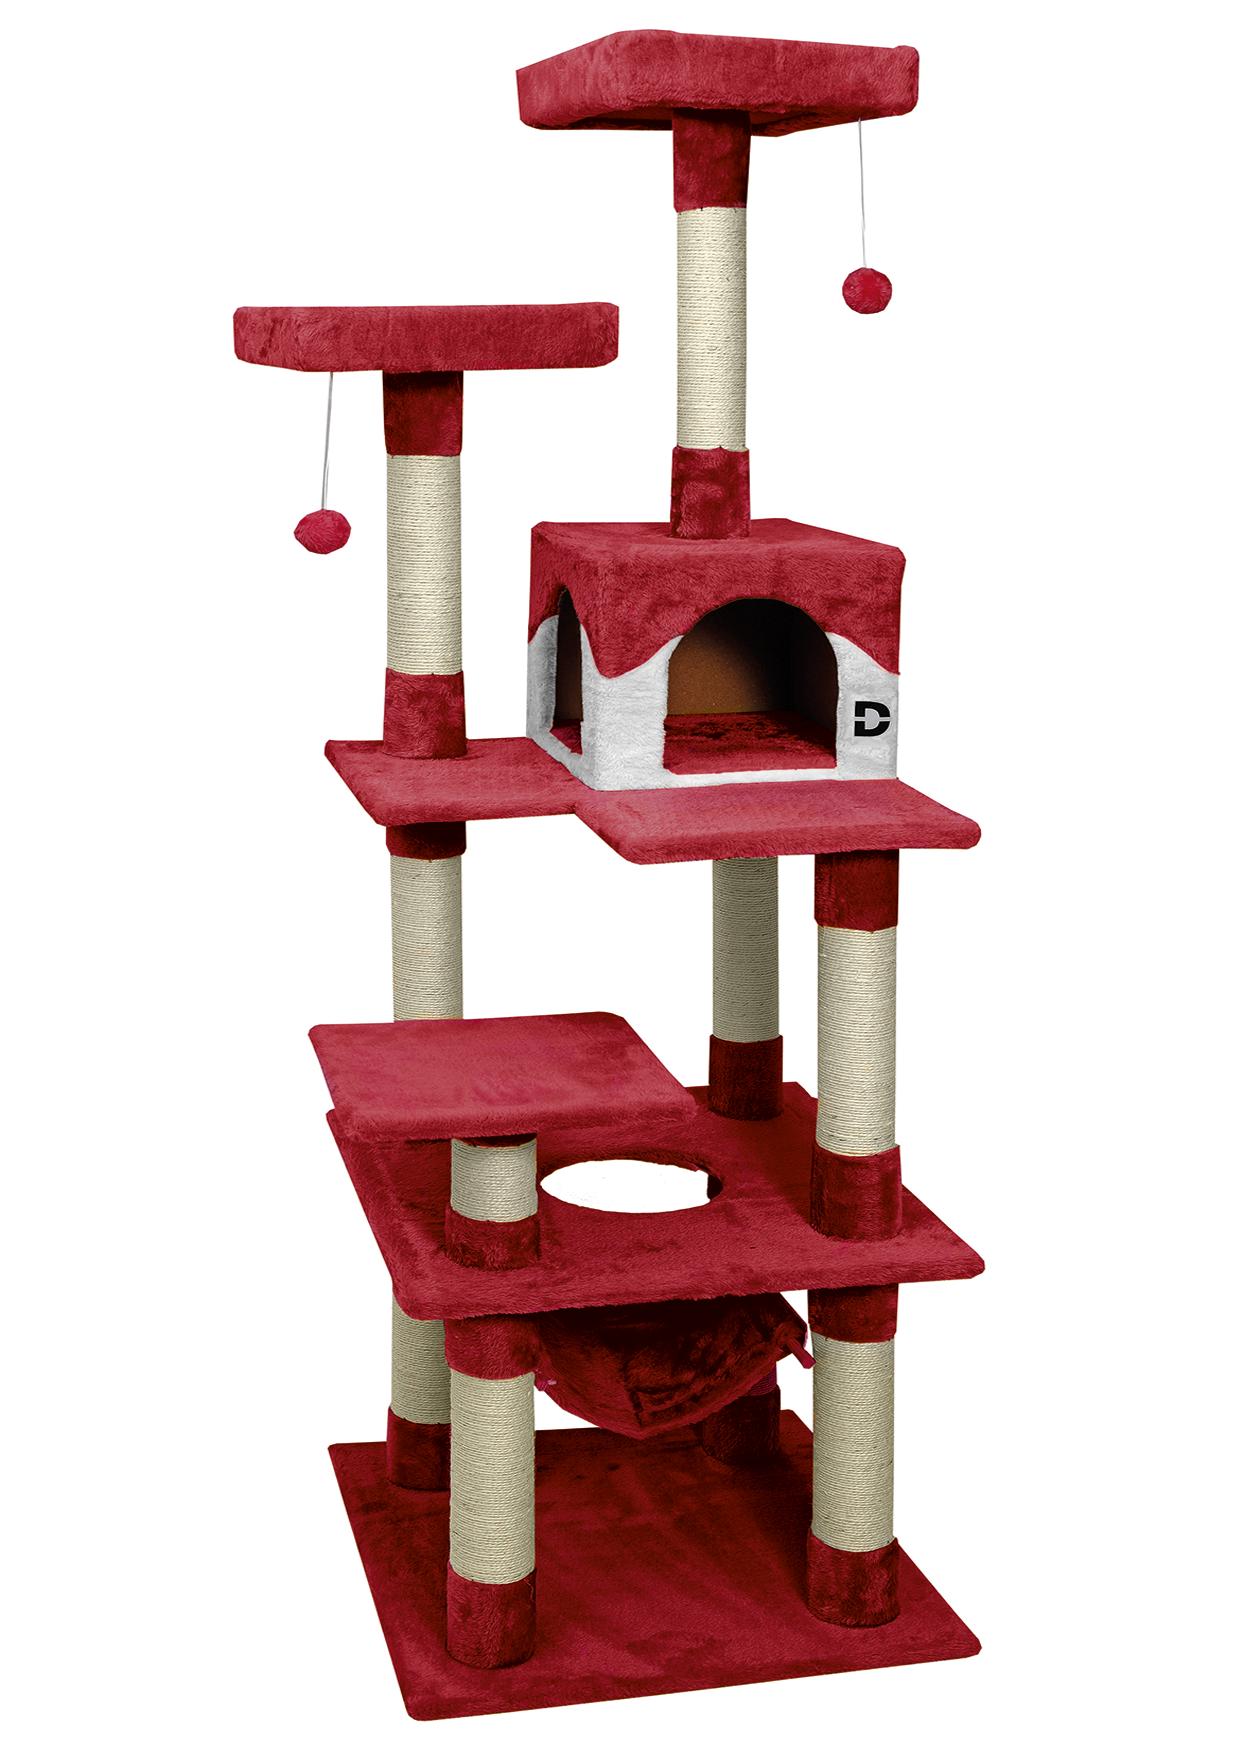 NEU: Kratzbaum Deluxe rot